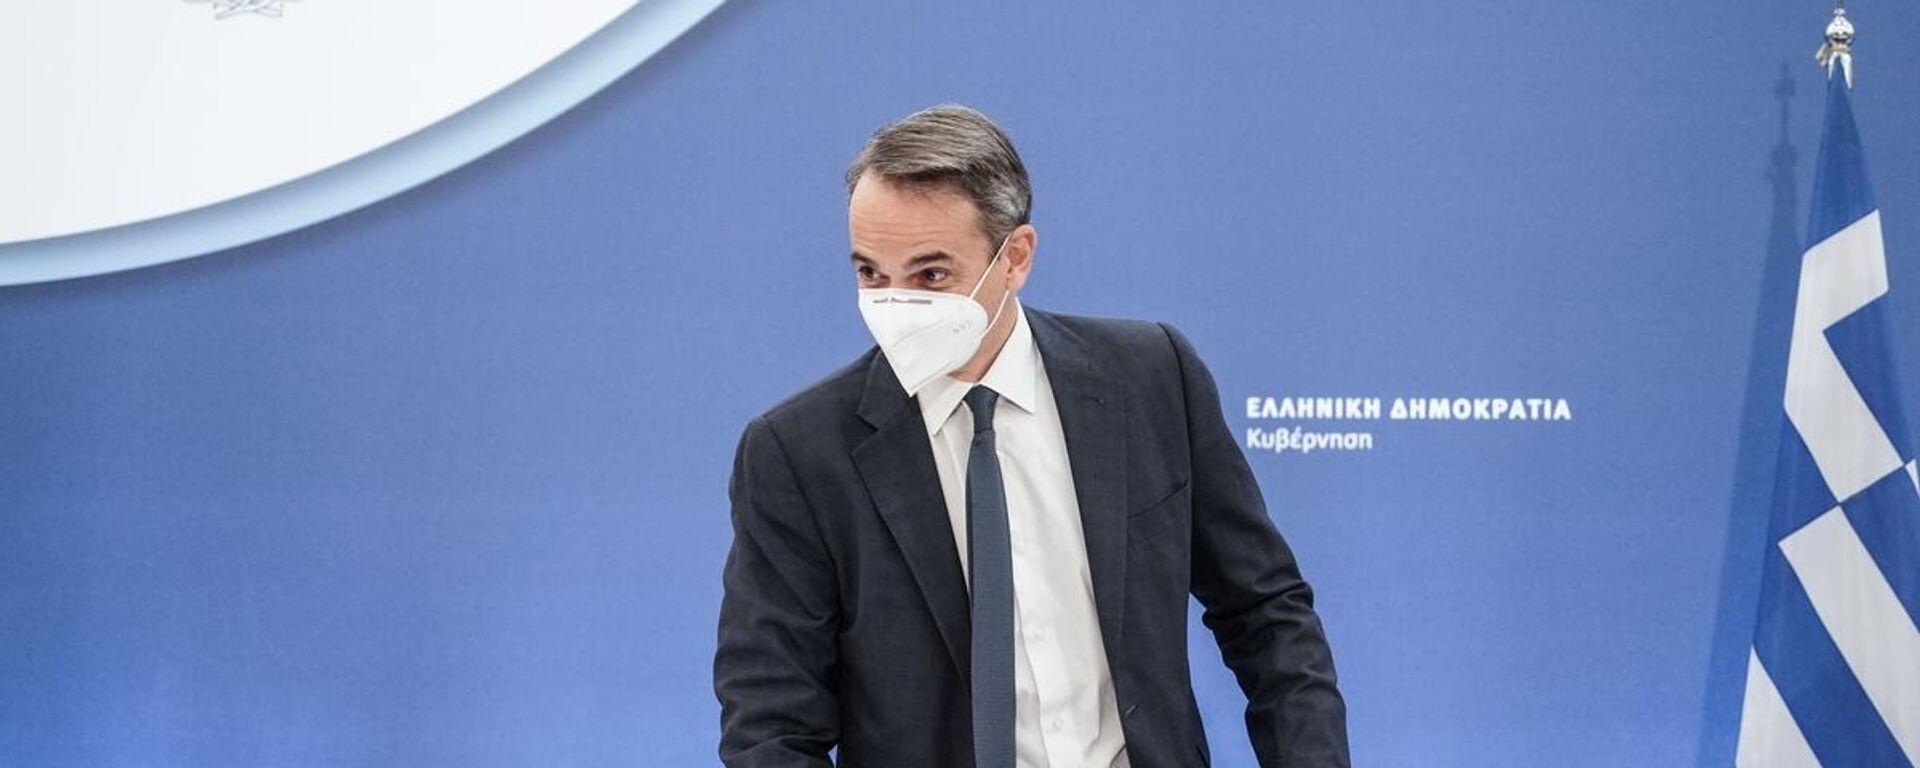 Ο πρωθυπουργός Κυριάκος Μητσοτάκης παραχωρεί συνέντευξη Τύπου για τις εξελίξεις στο θέμα των πυρκαγιών - Sputnik Ελλάδα, 1920, 12.08.2021